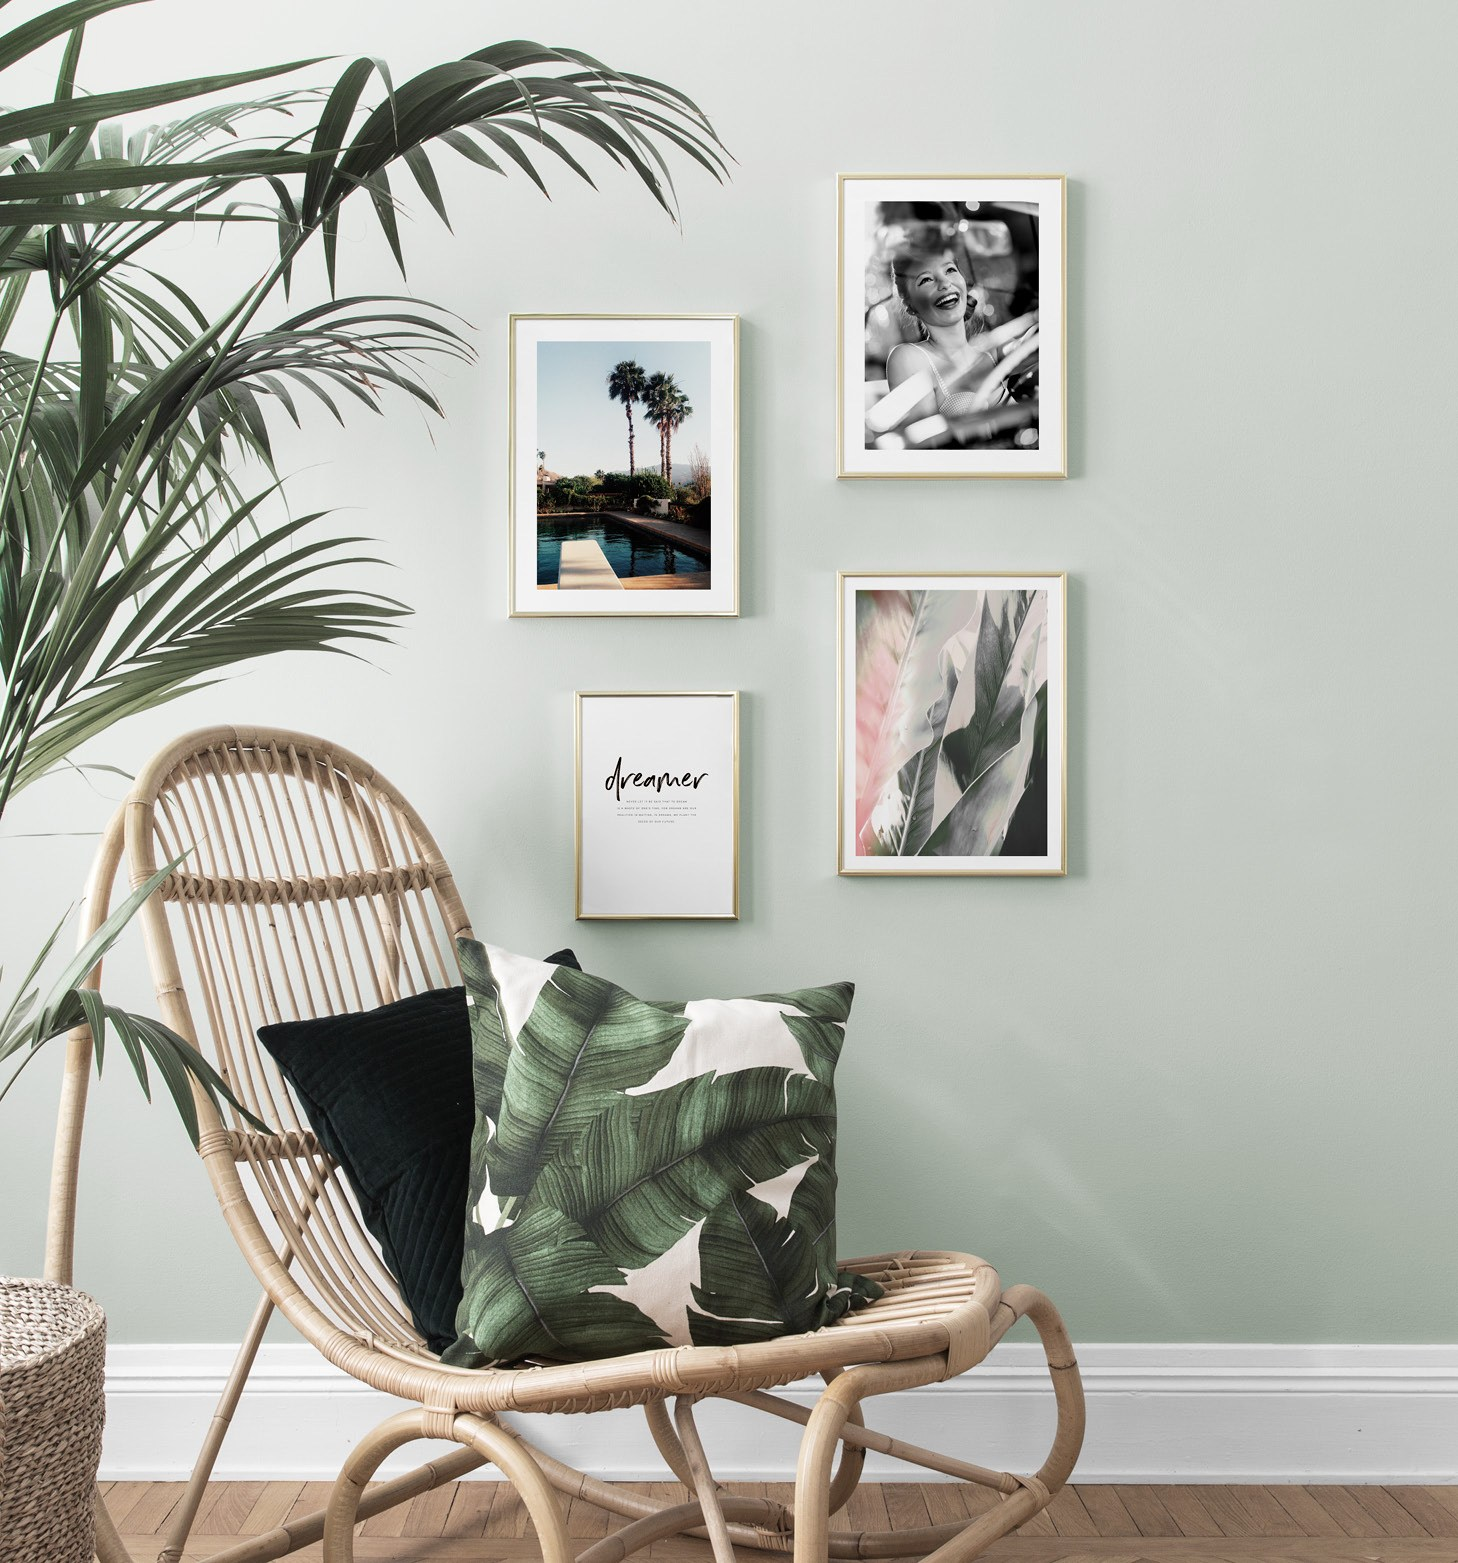 Ljusgrön väggfärg och rottingstol med retro tavlor